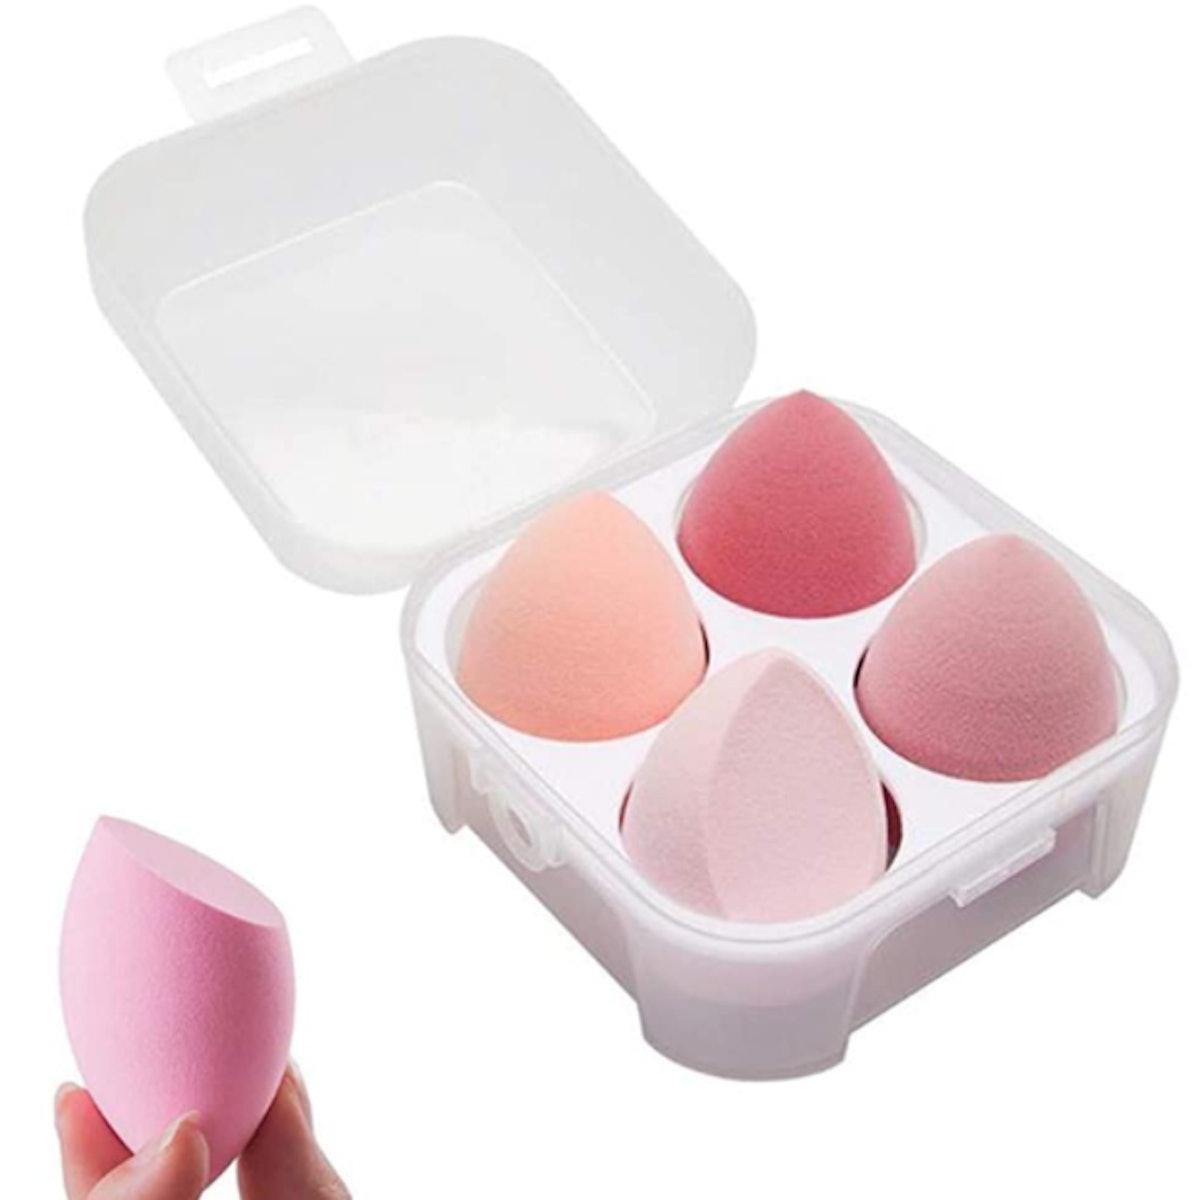 SINEN Makeup Blender Set